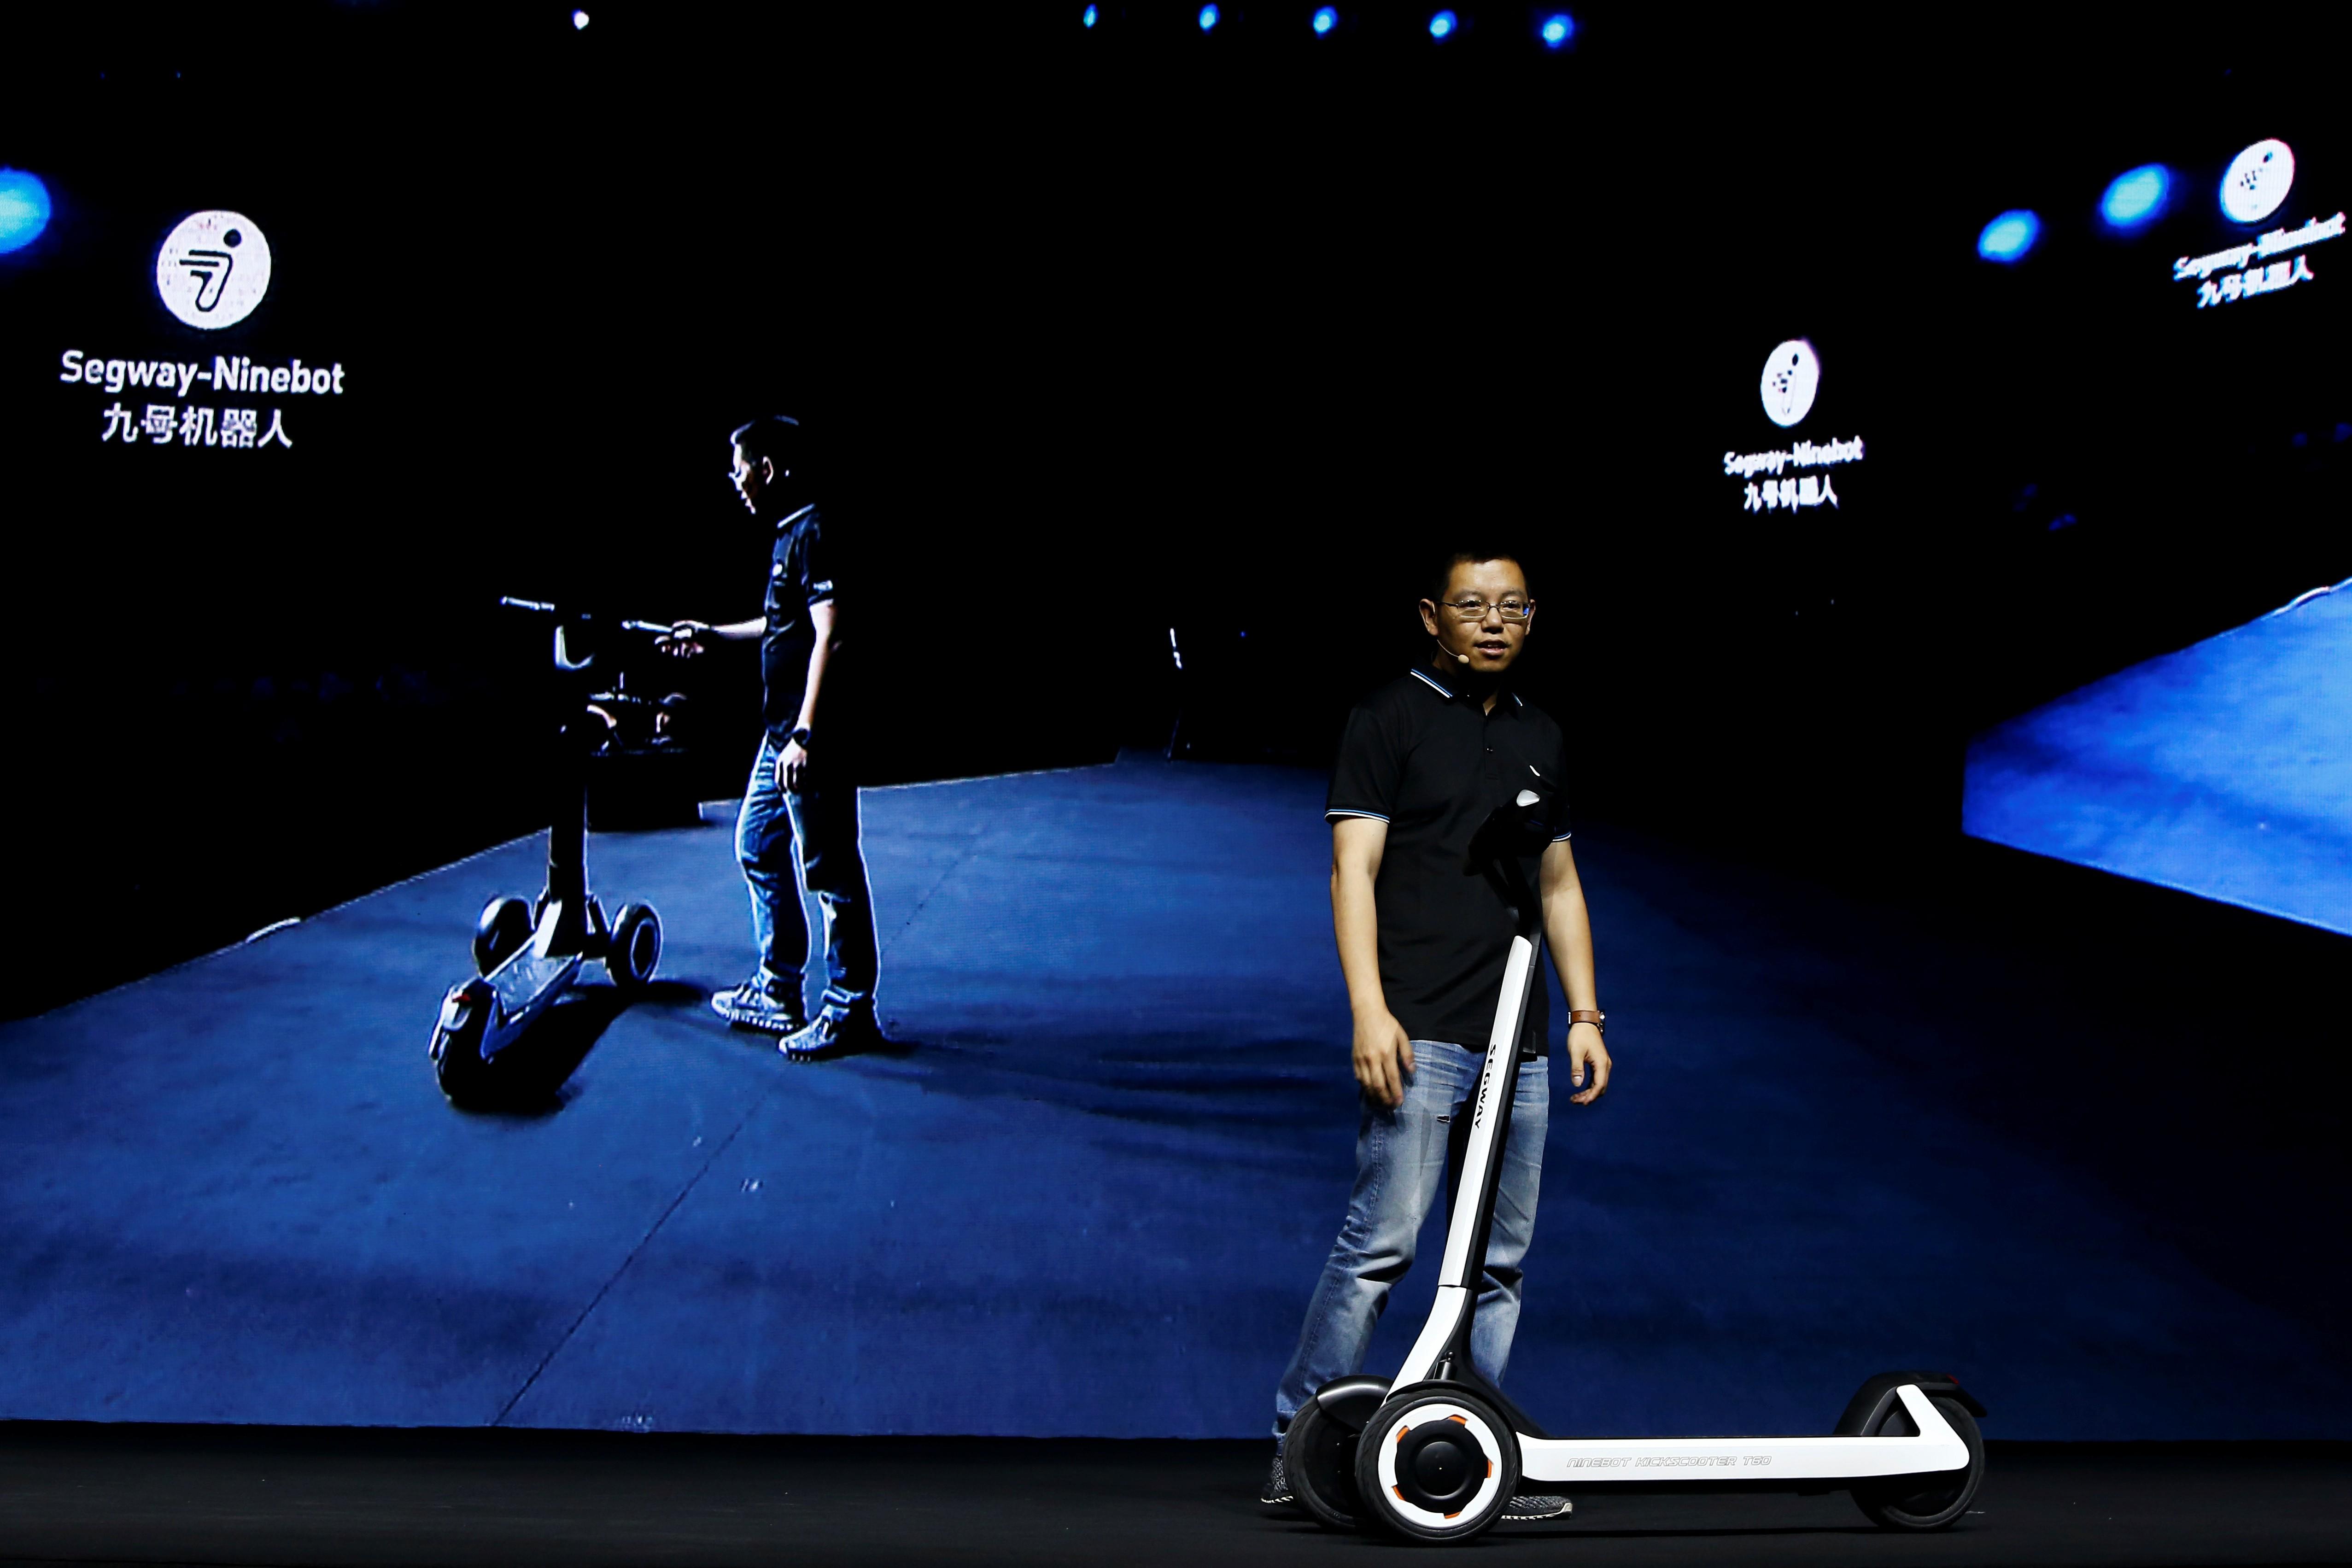 Chineses revelam patinete que pode voltar sozinho a estações